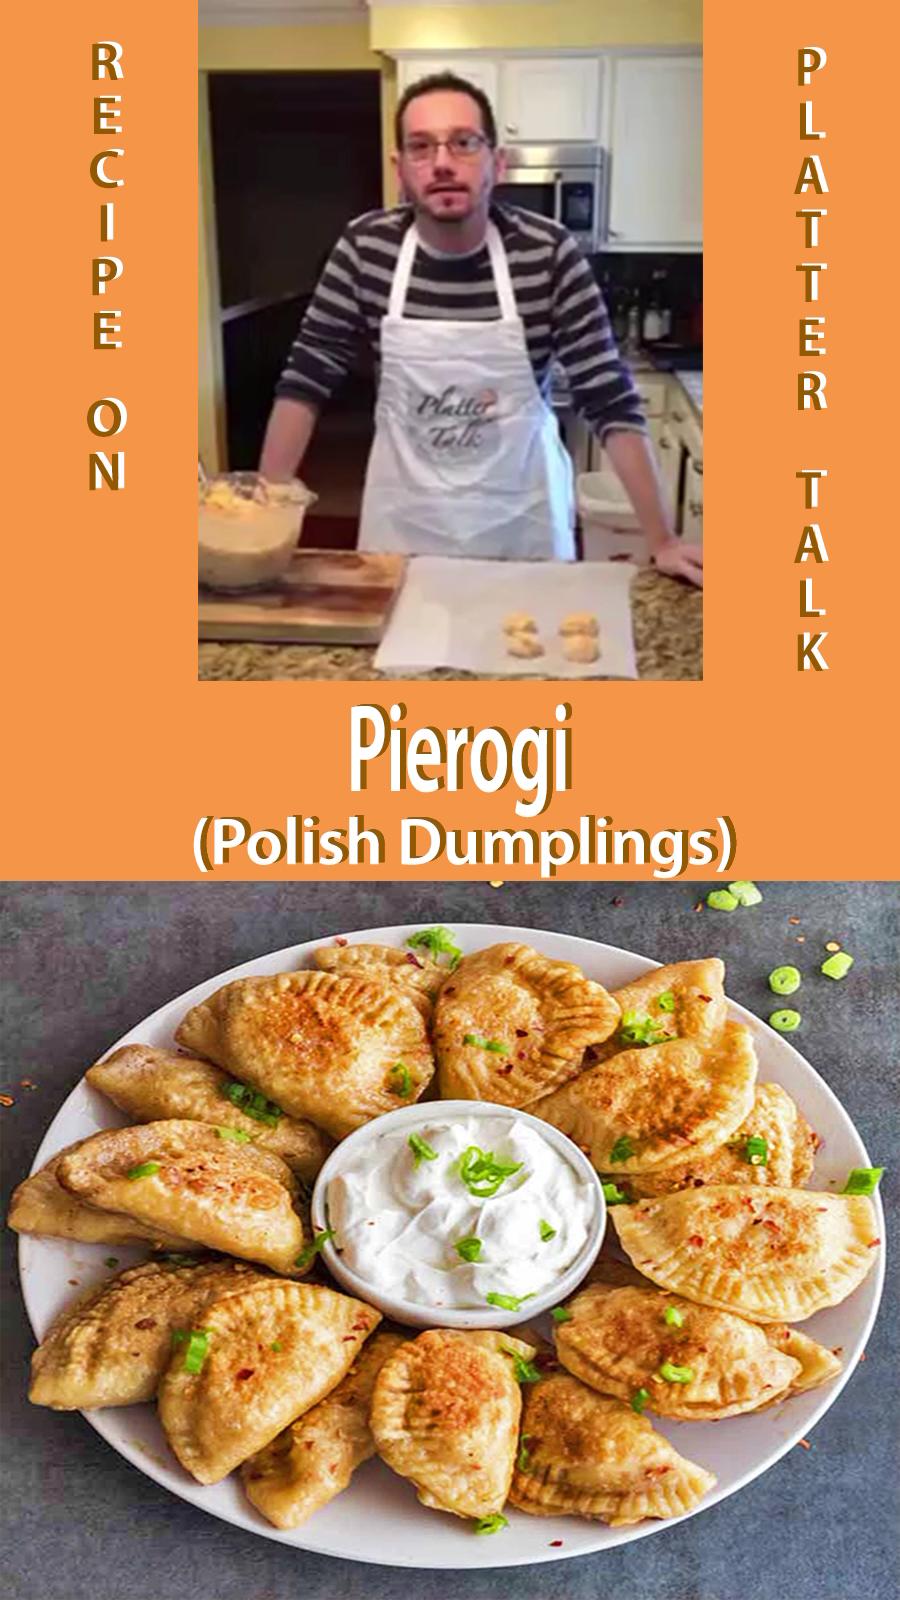 Pierogi - (Polish Dumplings)